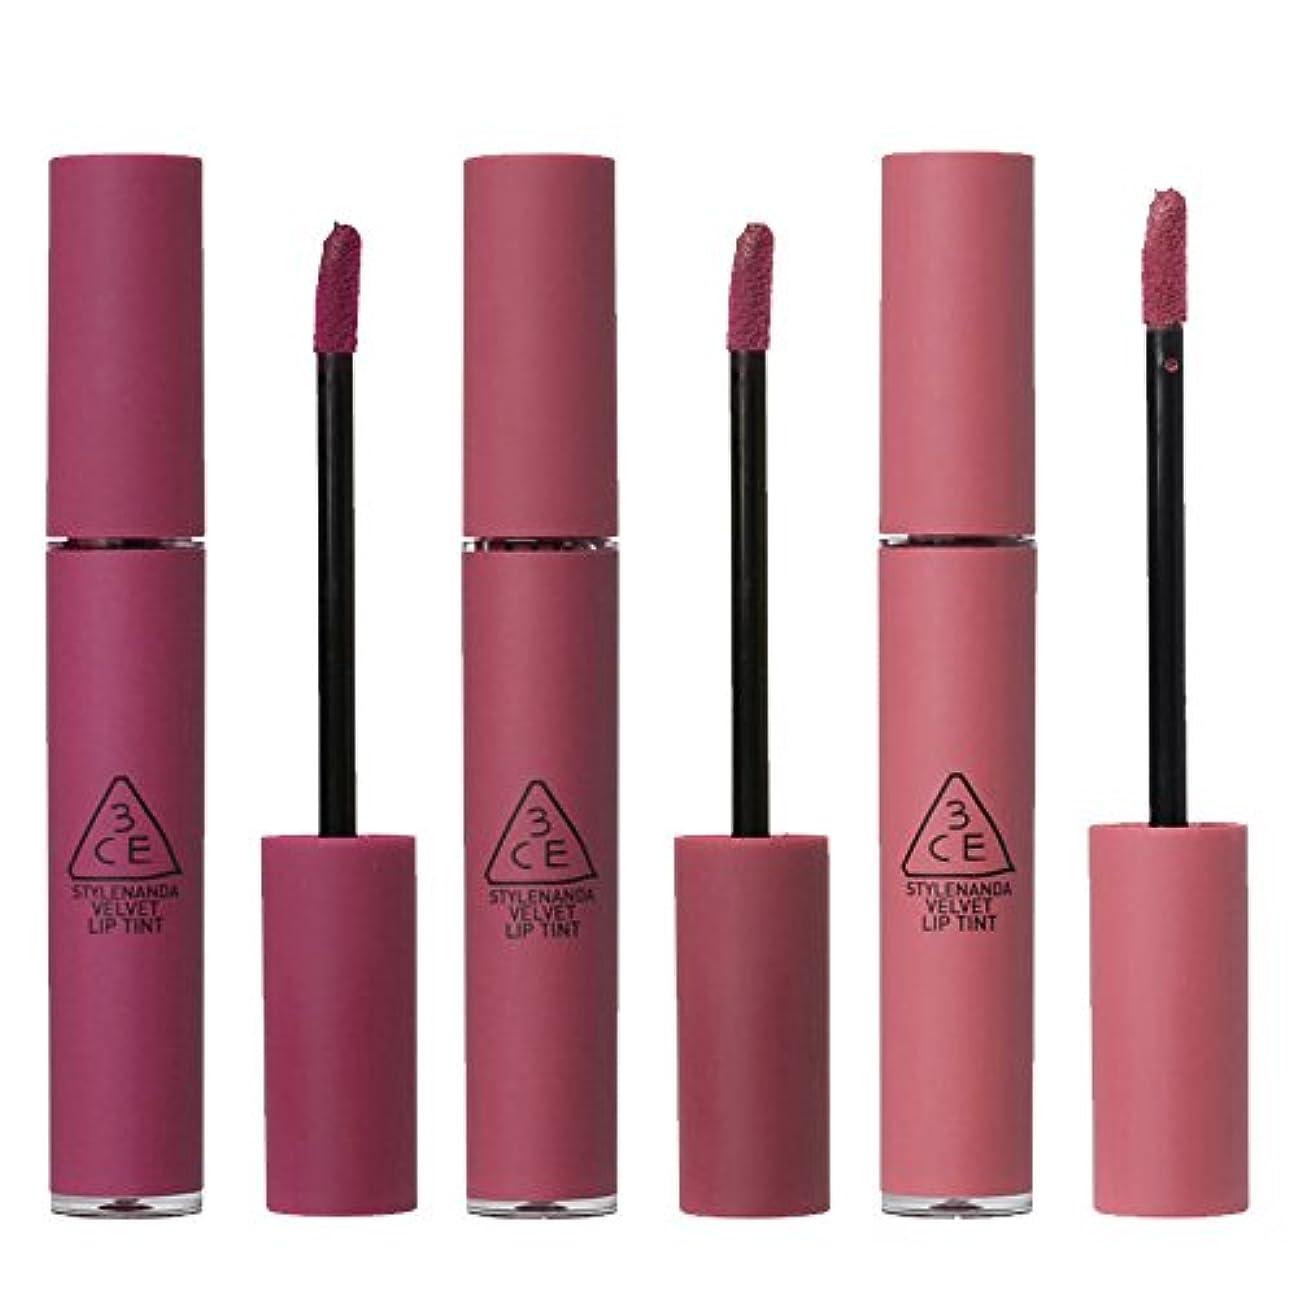 列挙するリル装置[3ce] ベルベットリップティント 新カラー 海外直送品 Velvet Lip Tint (Go now) [並行輸入品]